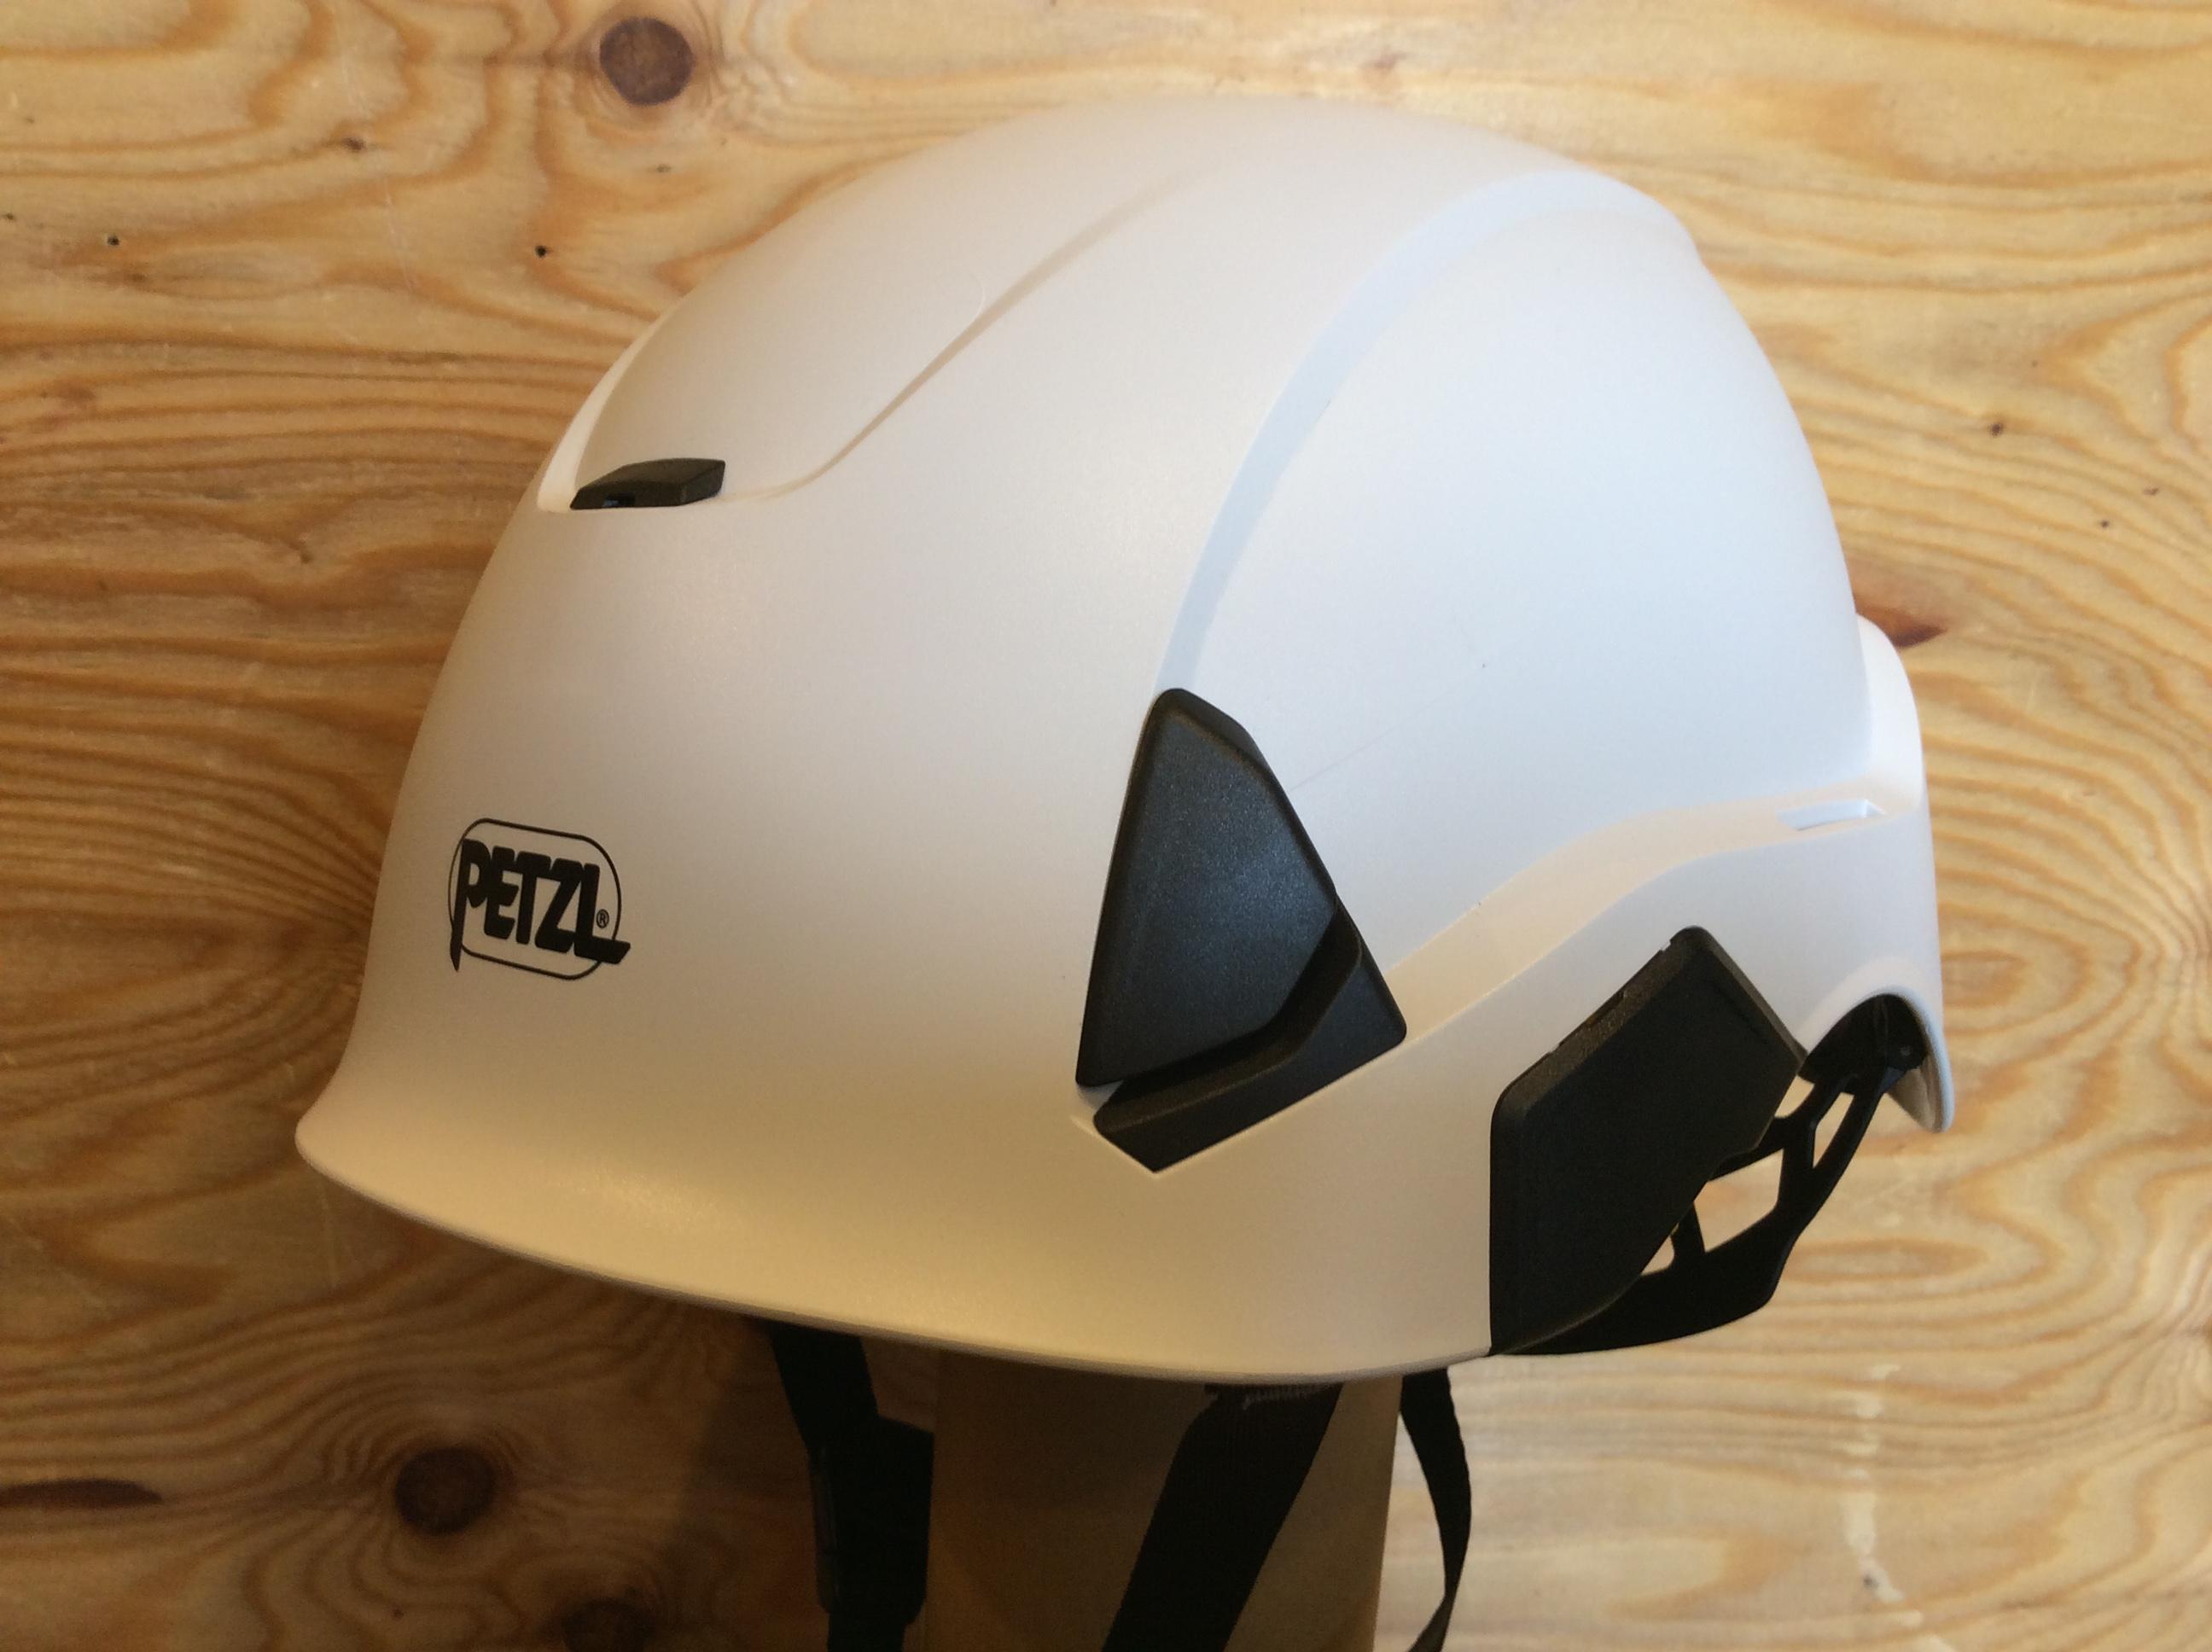 PETZL STRATO ペツル ストラト / ホワイト